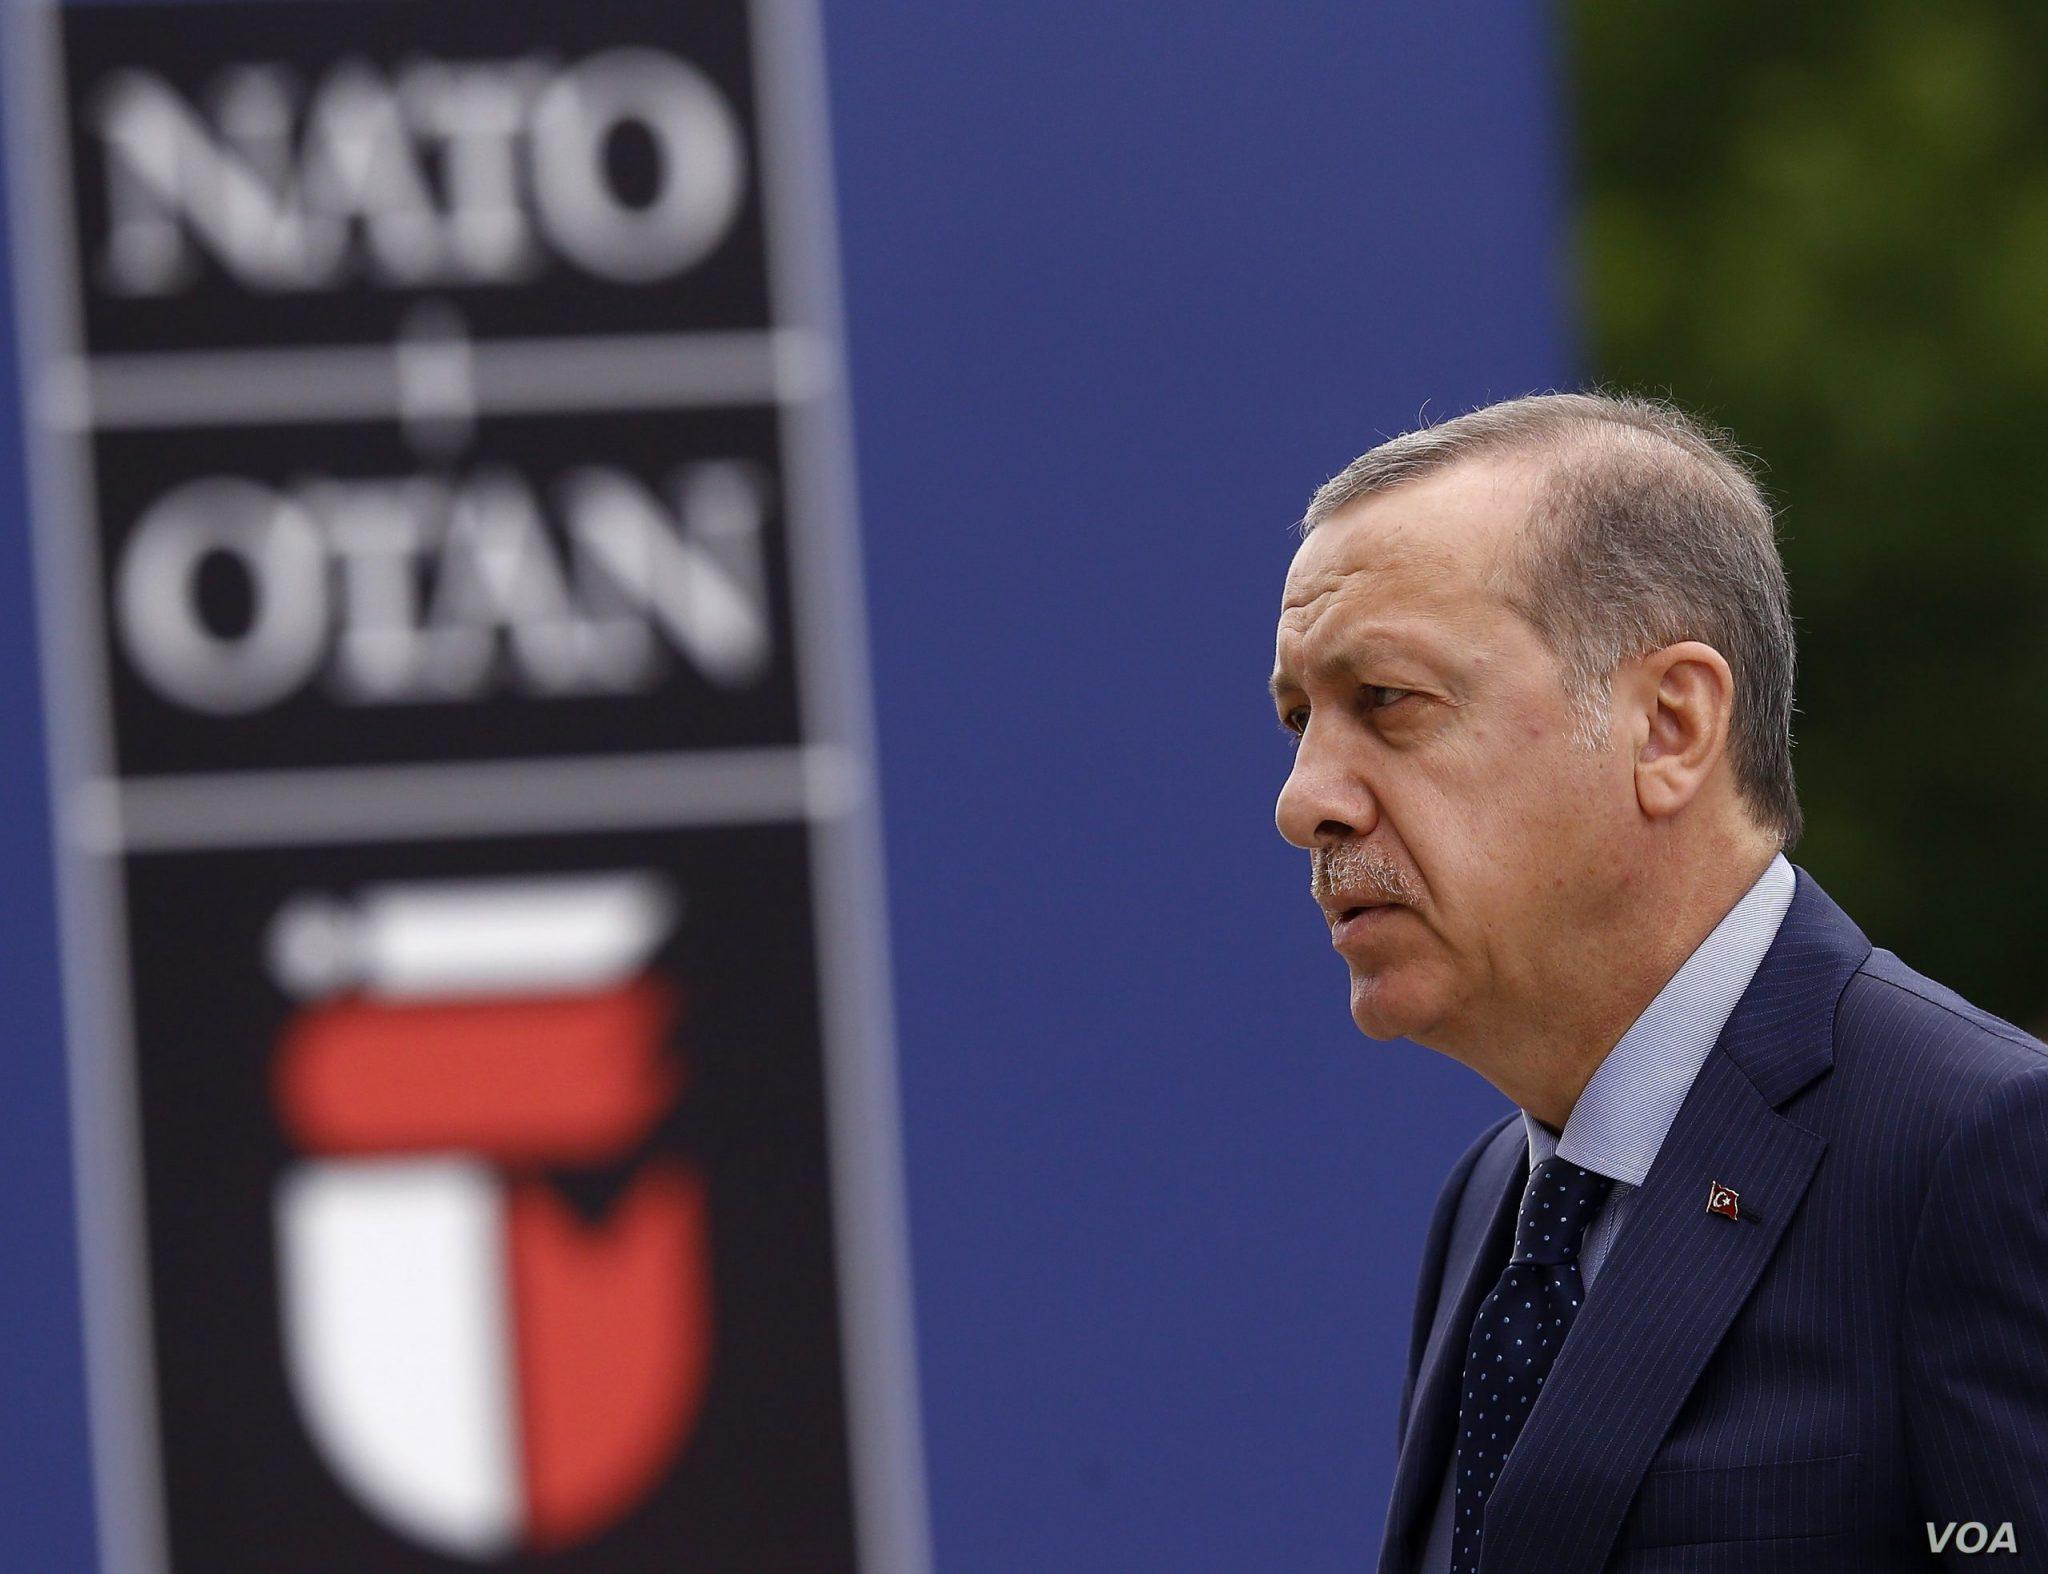 صورة أردوغان عن التحركات: غير مريحة.. ماذا يخطط الغرب ضـ.ـد تركيا؟